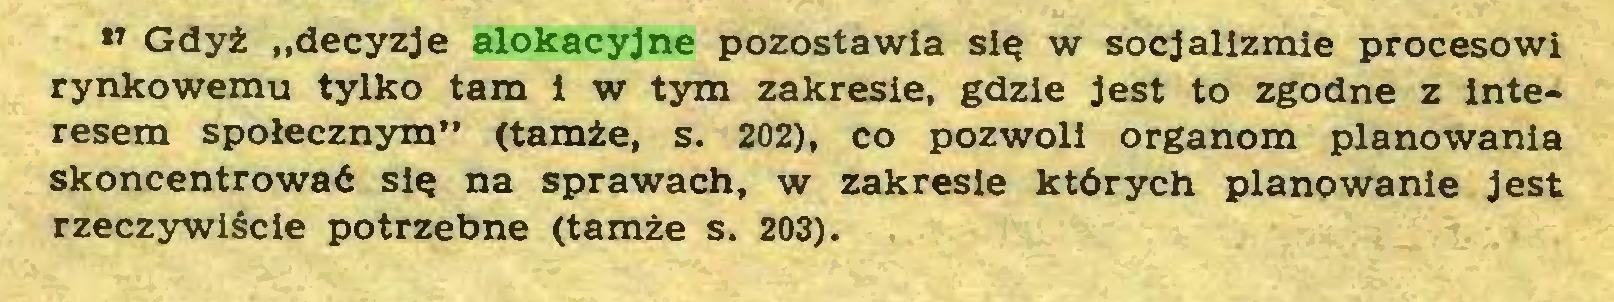 """(...) ,ł Gdyż """"decyzje alokacyjne pozostawia się w socjalizmie procesowi rynkowemu tylko tam i w tym zakresie, gdzie jest to zgodne z interesem społecznym"""" (tamże, s. 202), co pozwoli organom planowania skoncentrować się na sprawach, w zakresie których planowanie jest rzeczywiście potrzebne (tamże s. 203)..."""